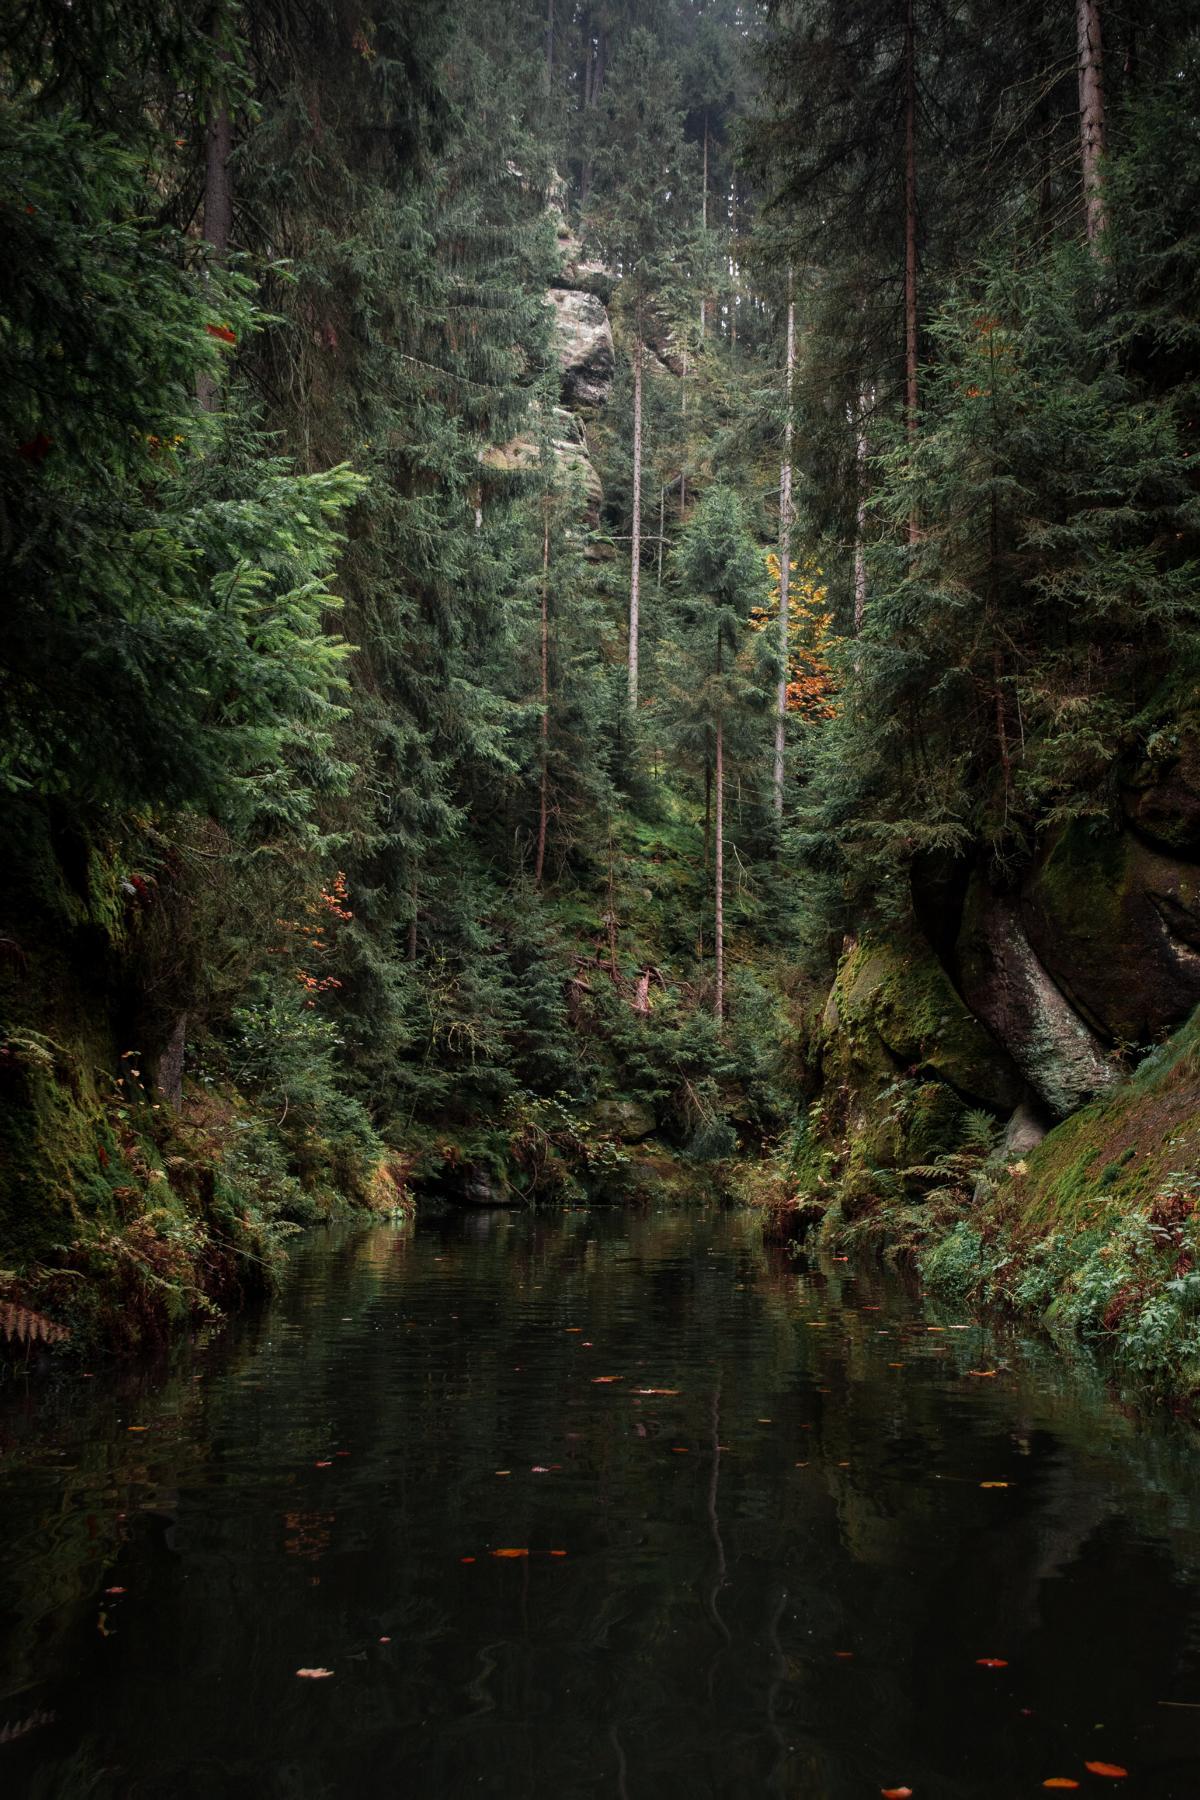 hinterhermsdorf-klamm-saechsische-schweiz-herbst-kahnfahrt